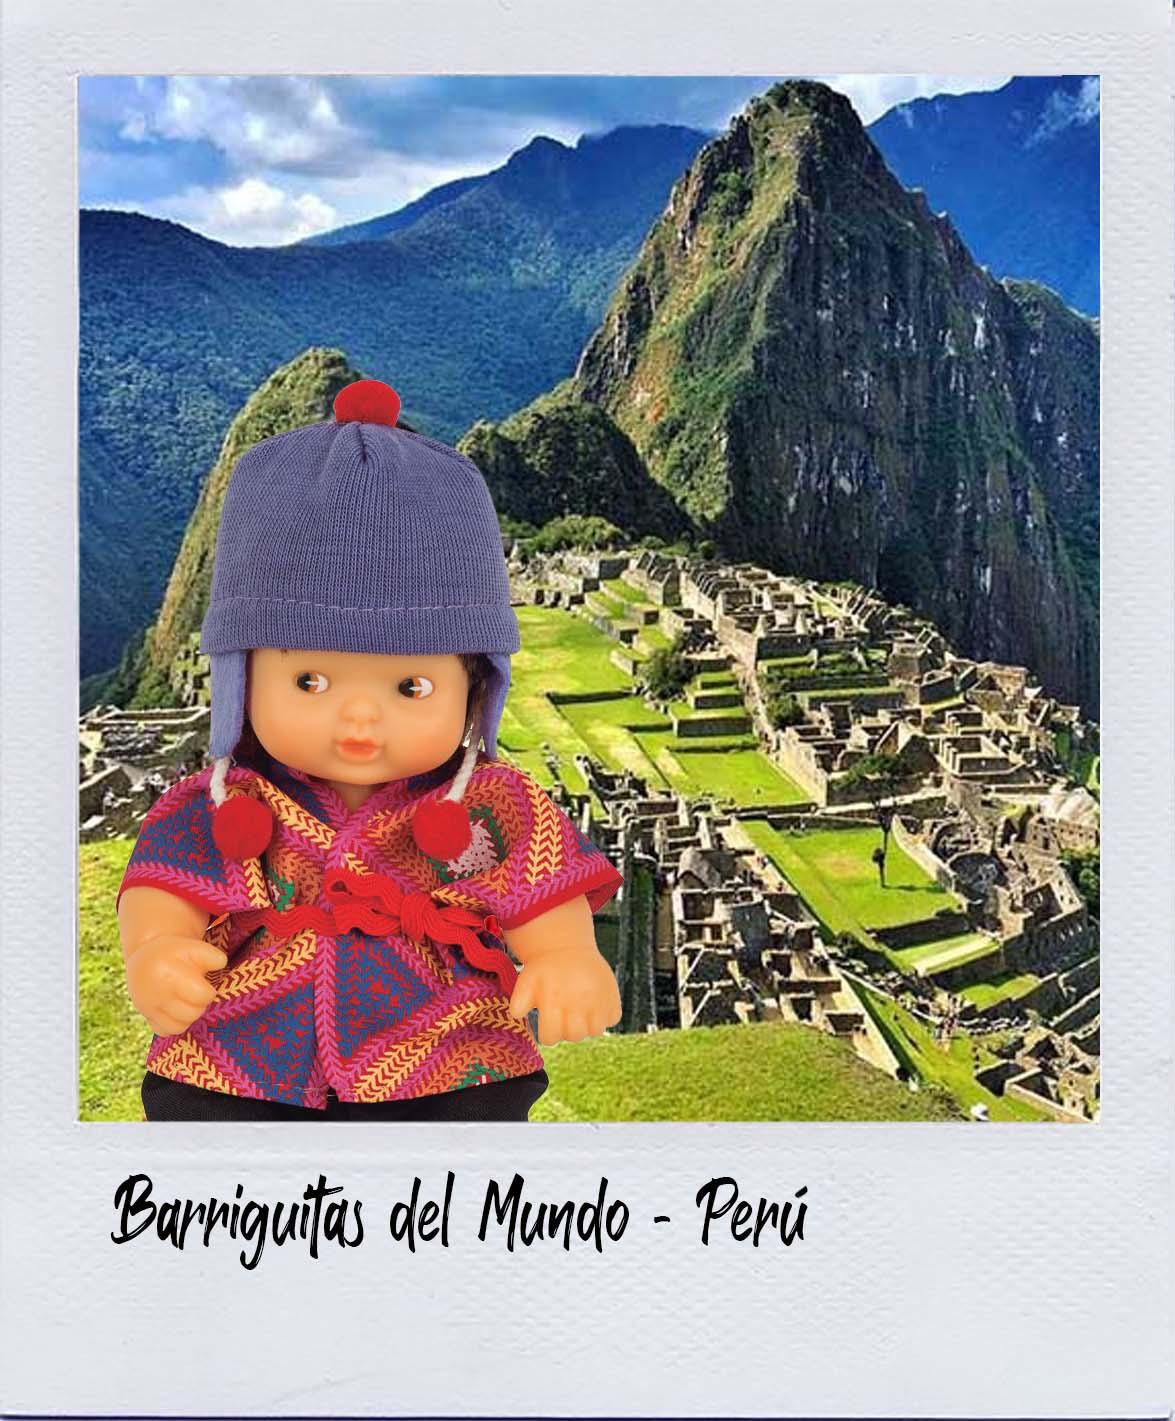 Barriguitas del Mundo - Perú